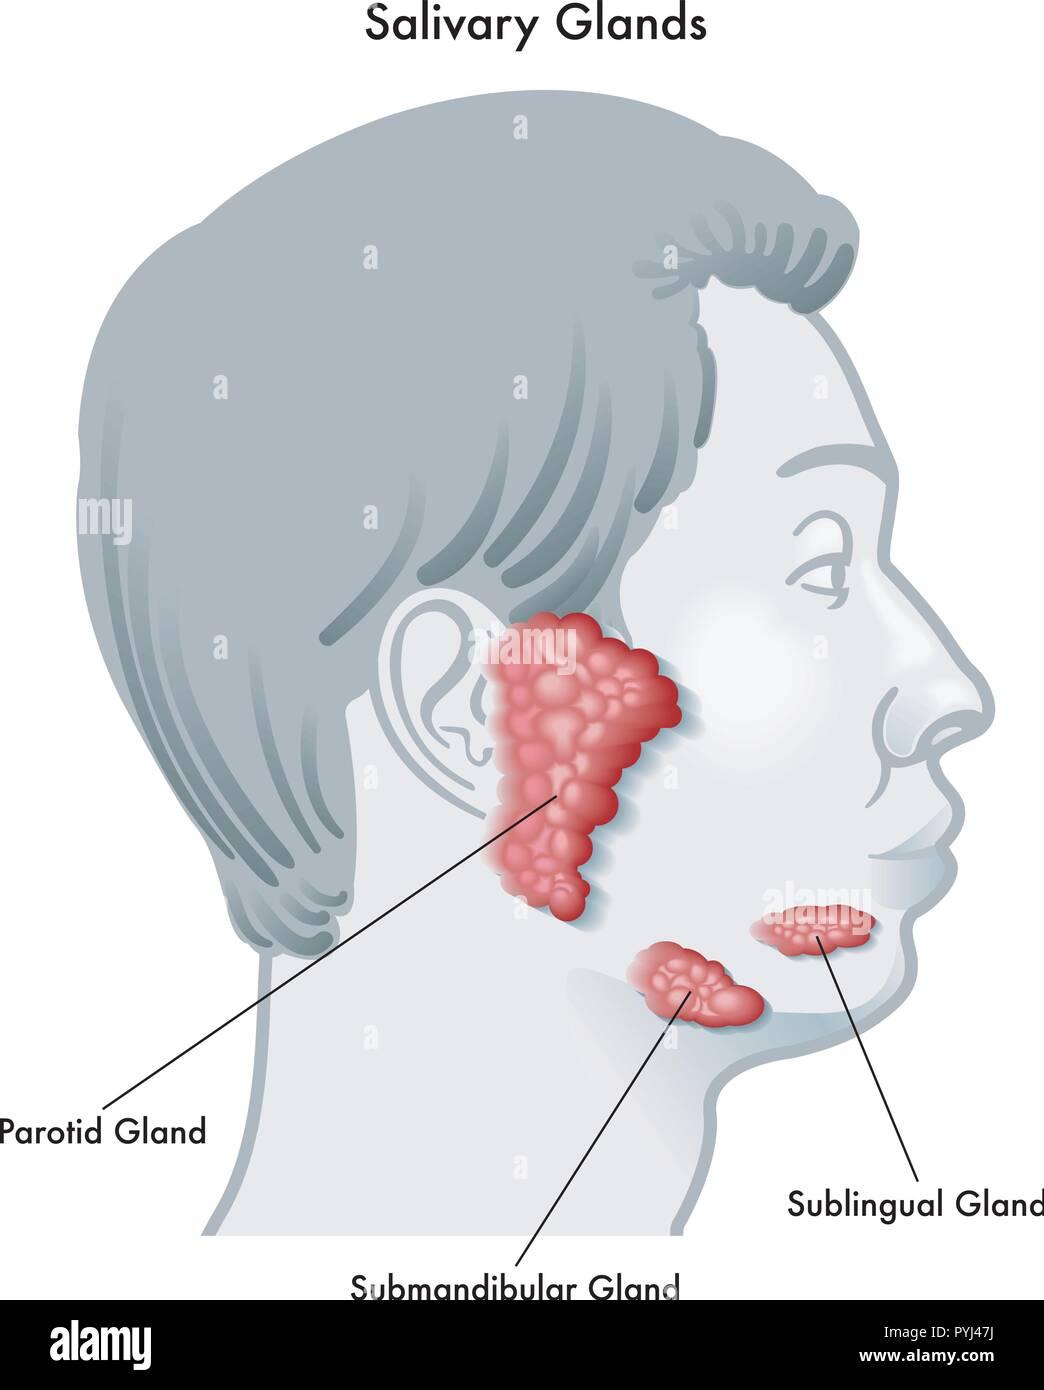 Schéma d'illustration vectorielle d'un visage de profil, notant les glandes salivaires et leur emplacement, isolé sur un fond blanc. Photo Stock